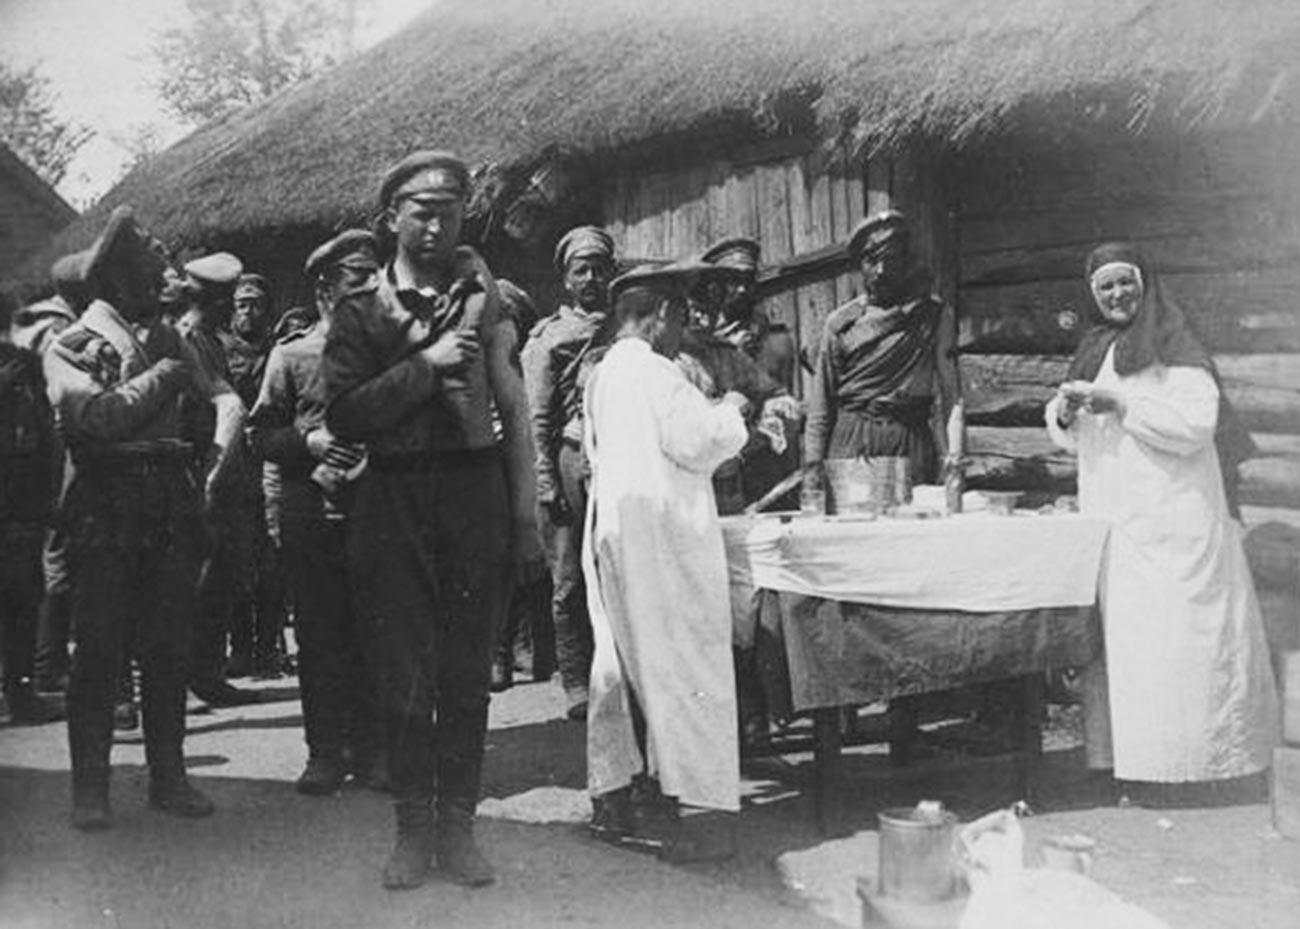 第一次世界大戦中にコレラの予防接種を受ける兵士たち、1914年